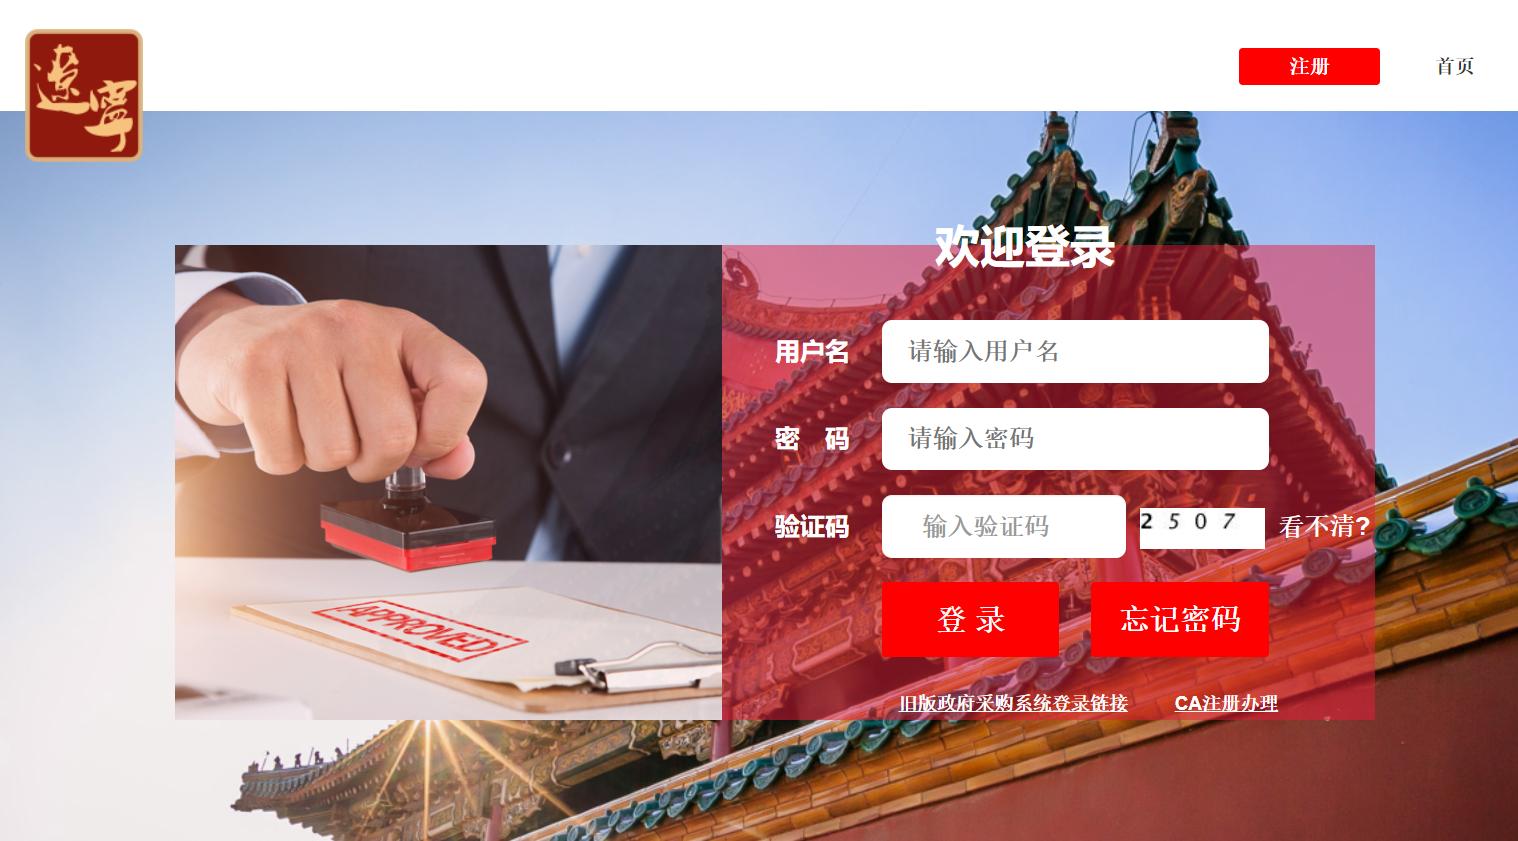 辽宁政府采购网上商城入围流程是什么样的